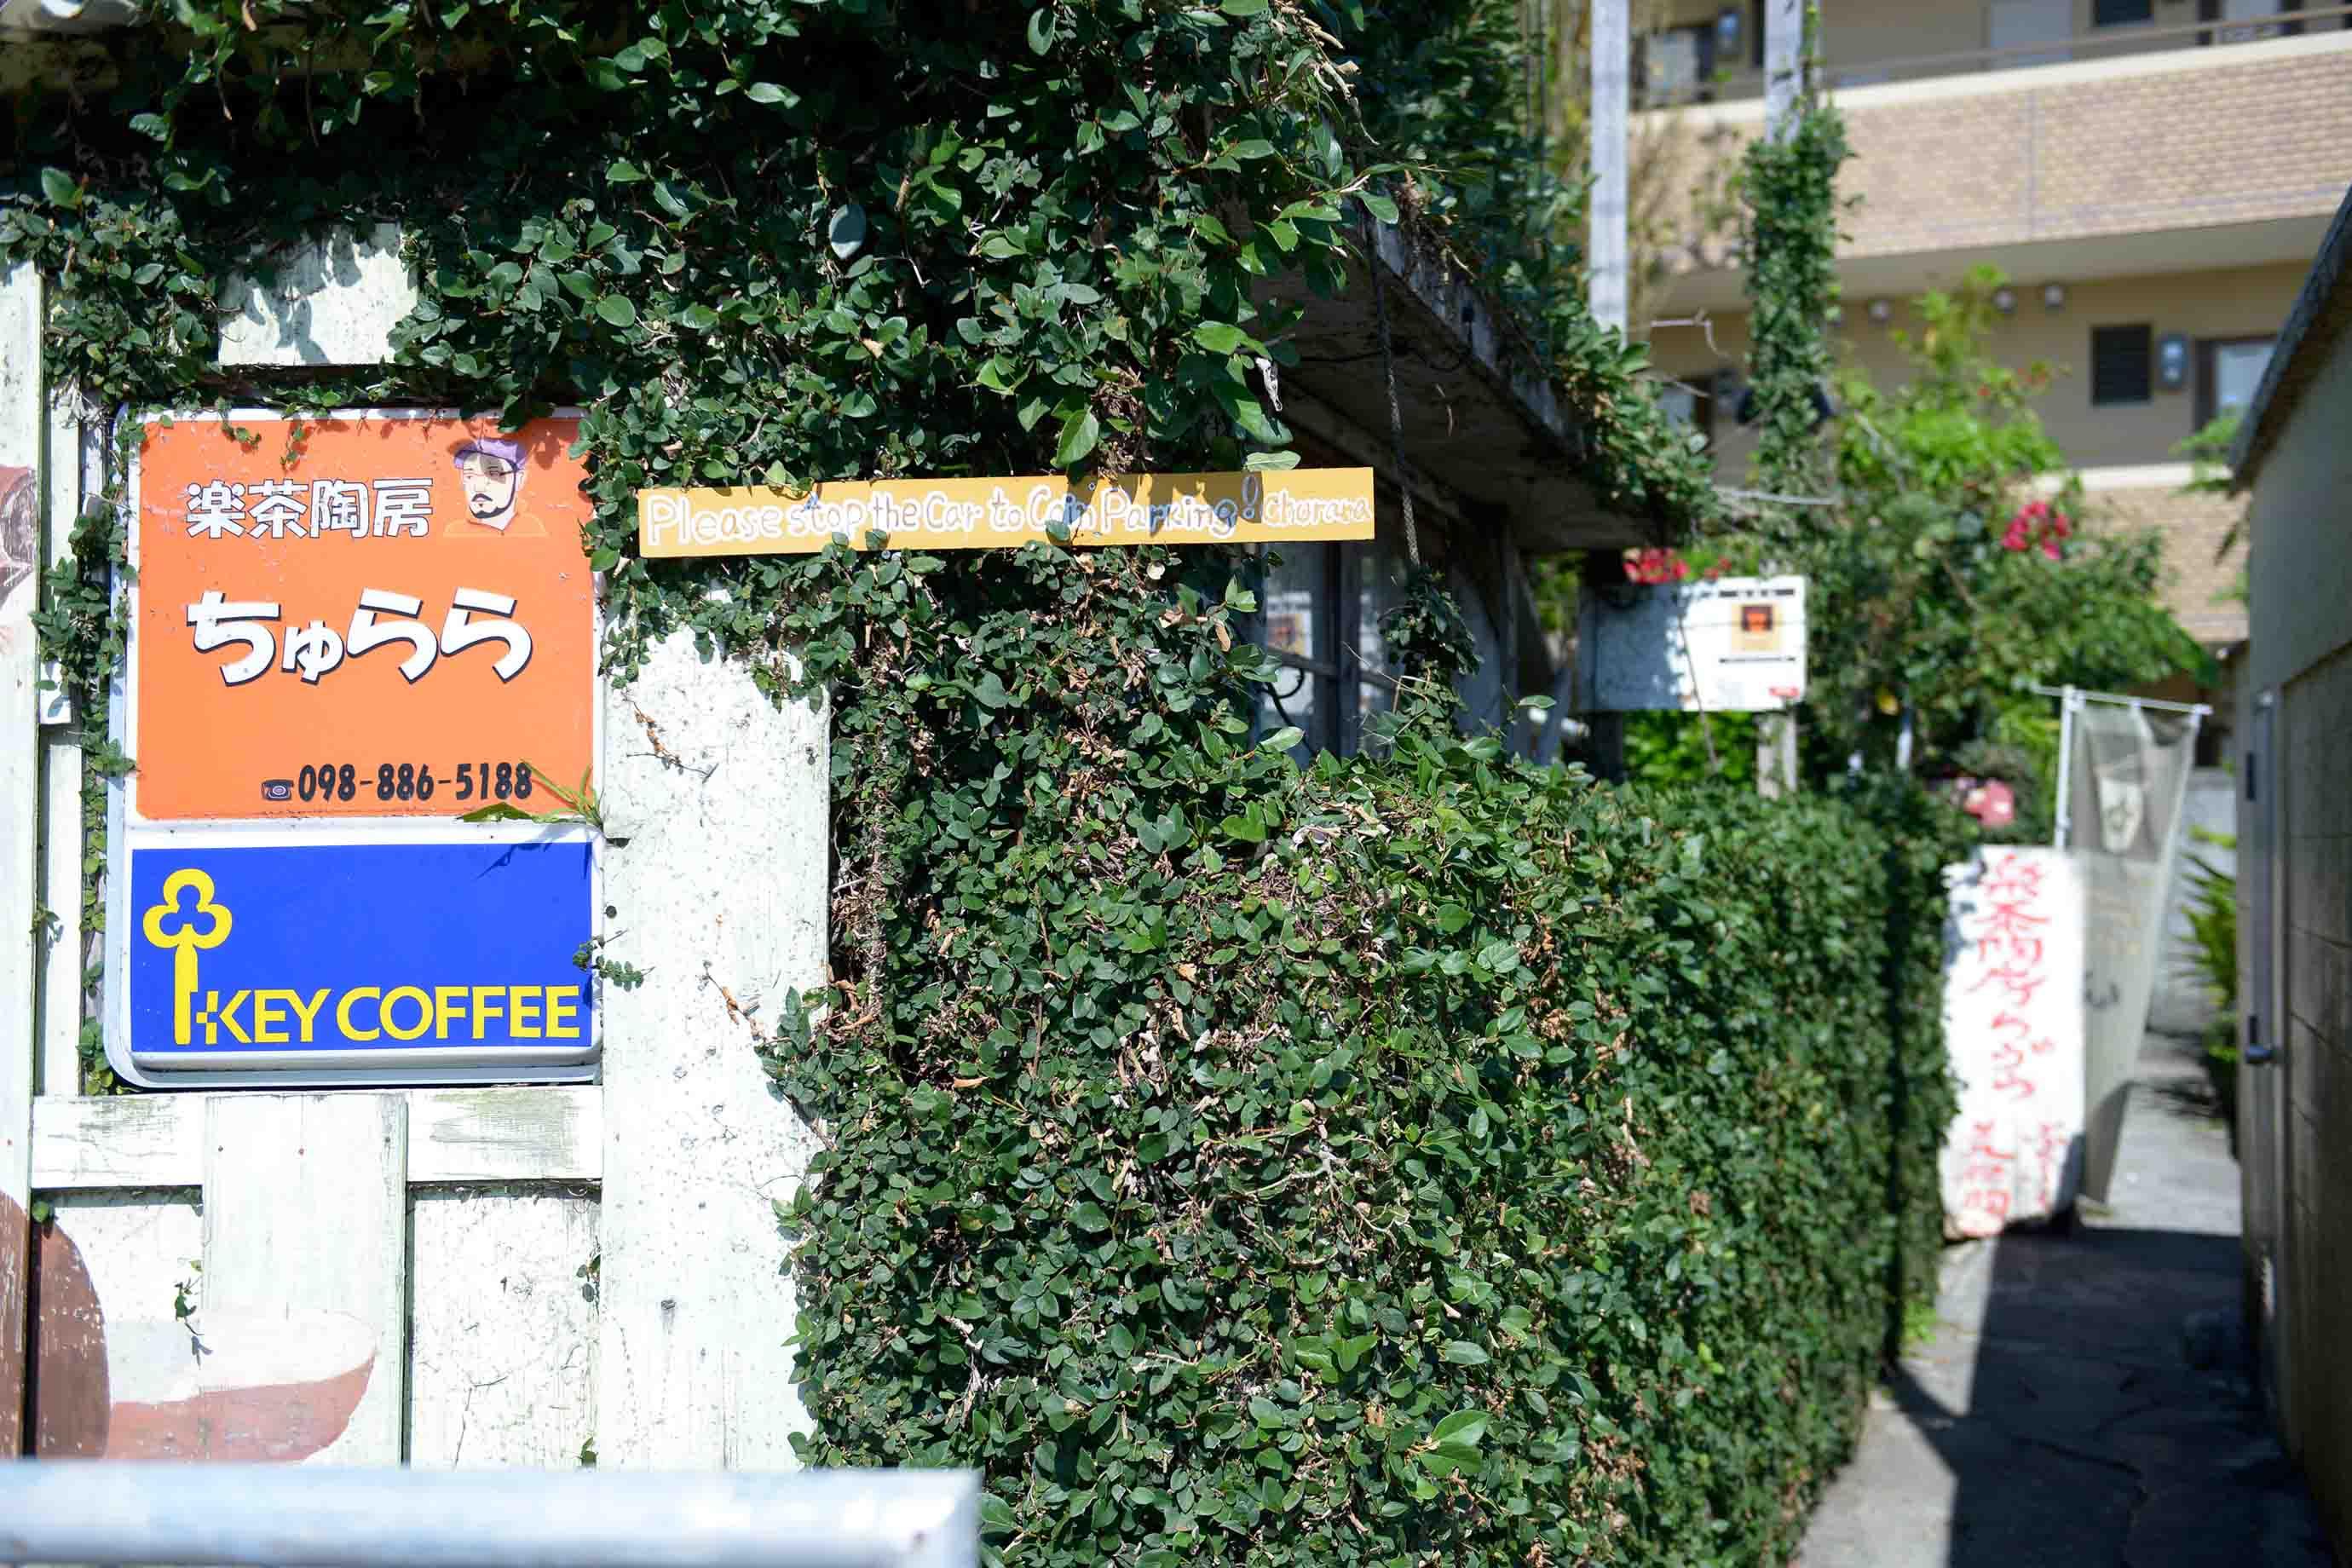 「楽茶陶房ちゅらら」の看板が目印。脇の小道を入ると、お店の入り口が現れます